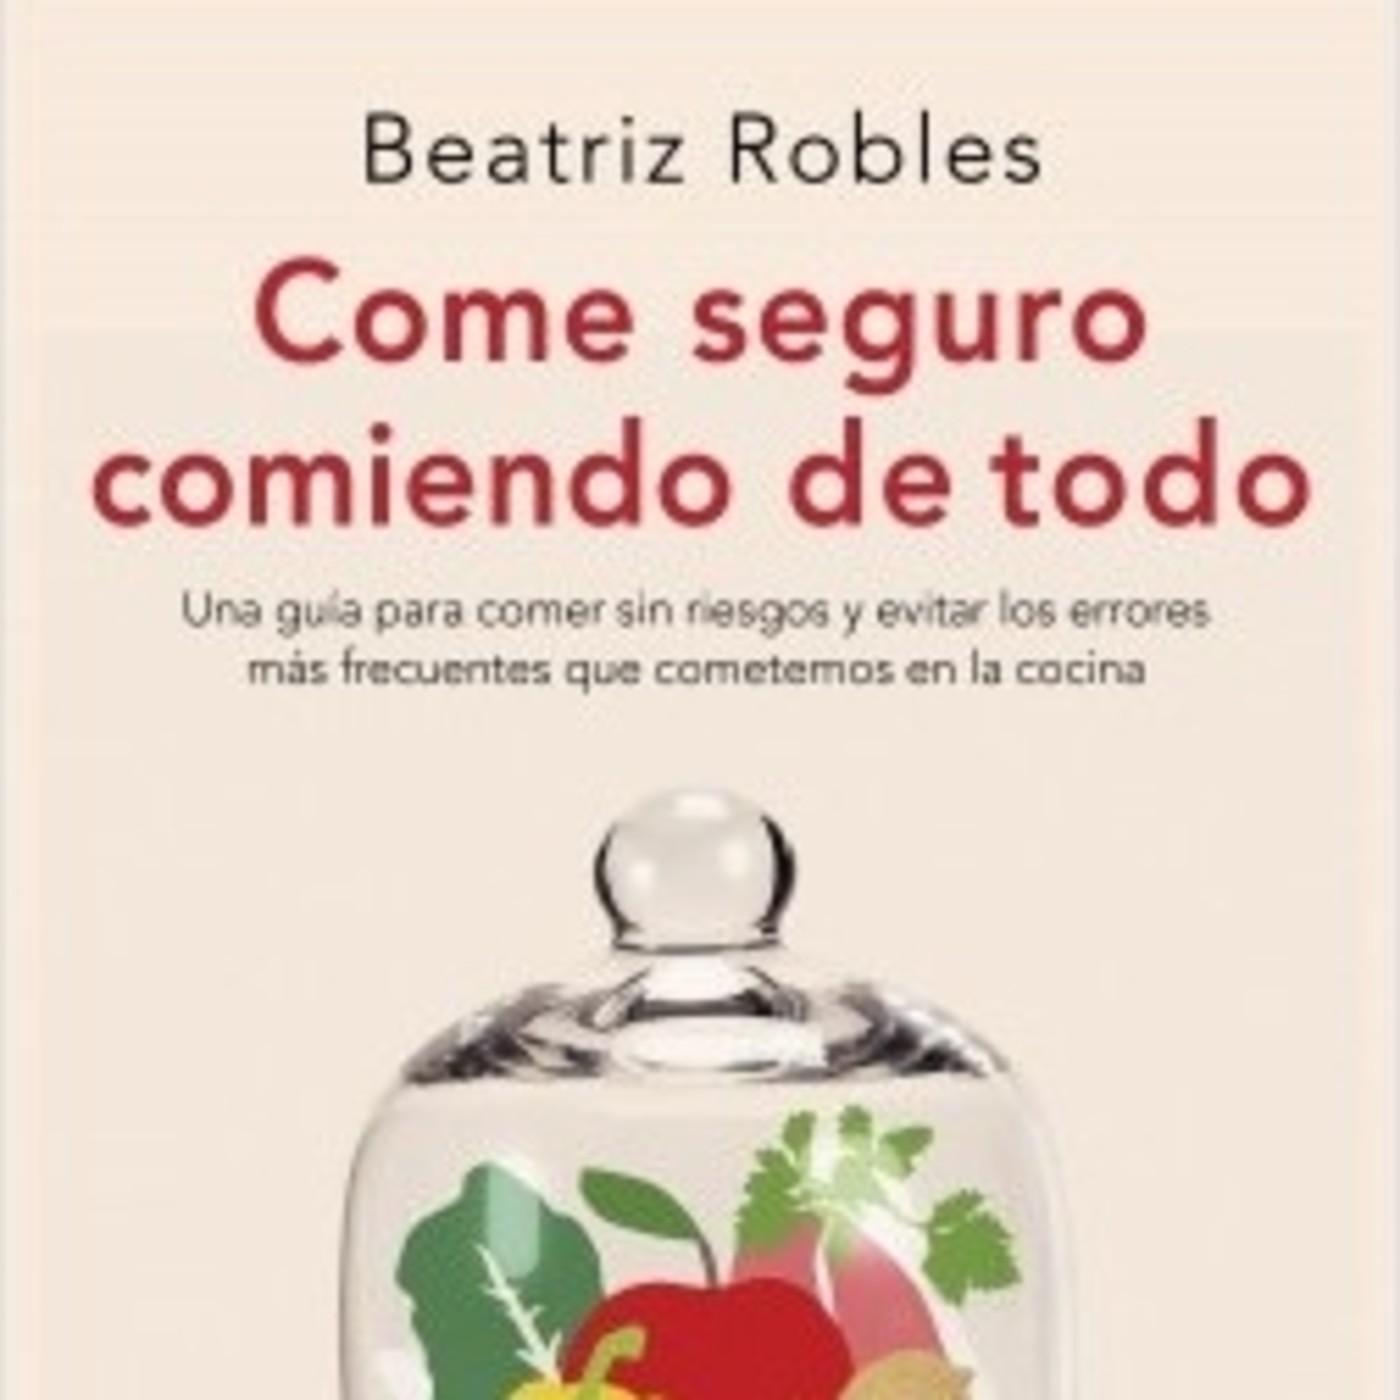 'Come seguro comiendo de todo' de Beatriz Robles